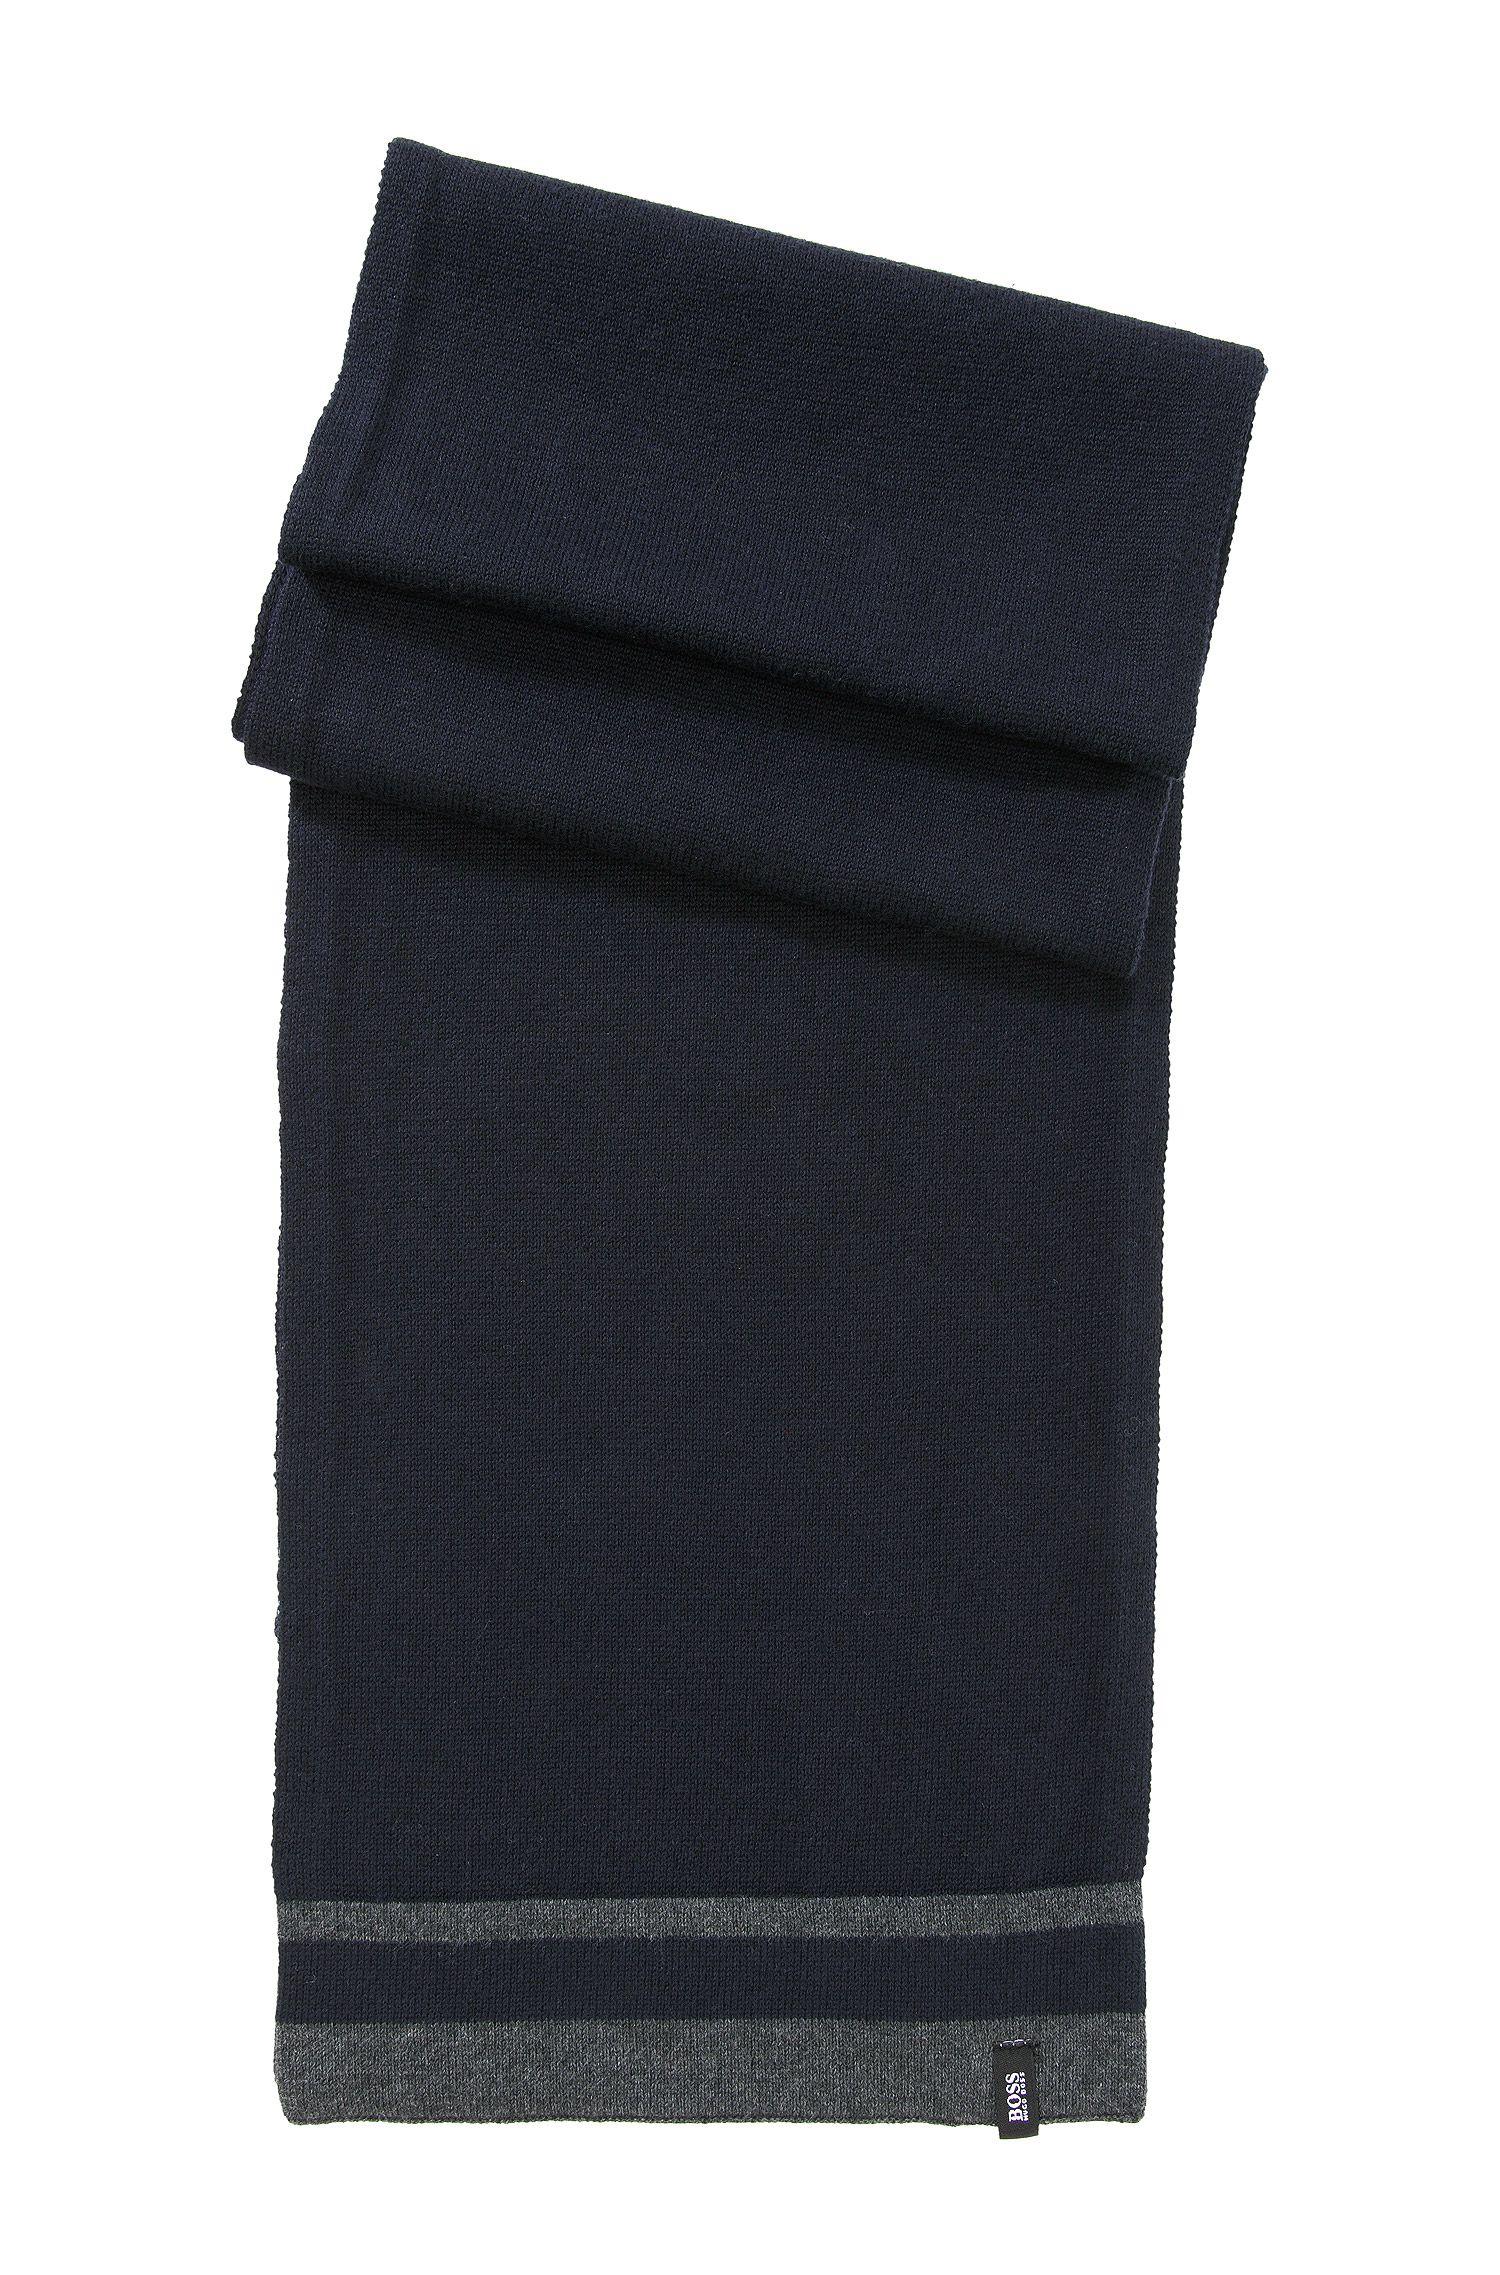 Écharpe en maille pour enfant «J21109/862» en coton mélangé